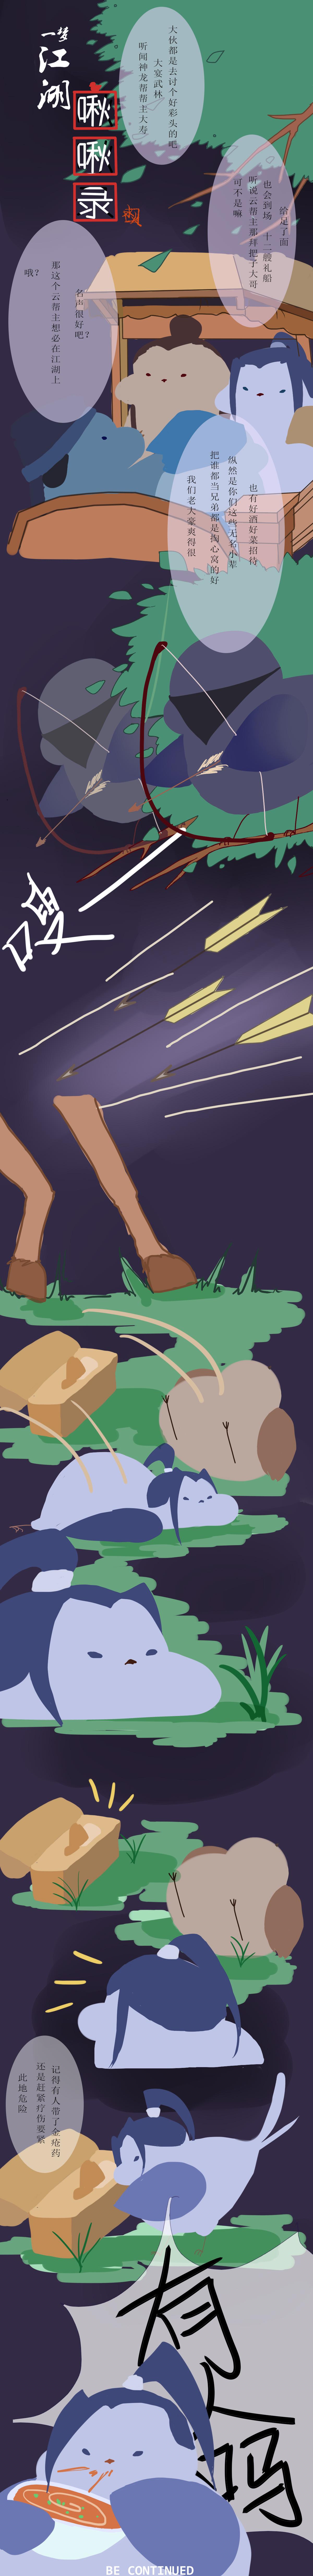 【原创作者联盟】【江湖啾啾录】第一话 遇险